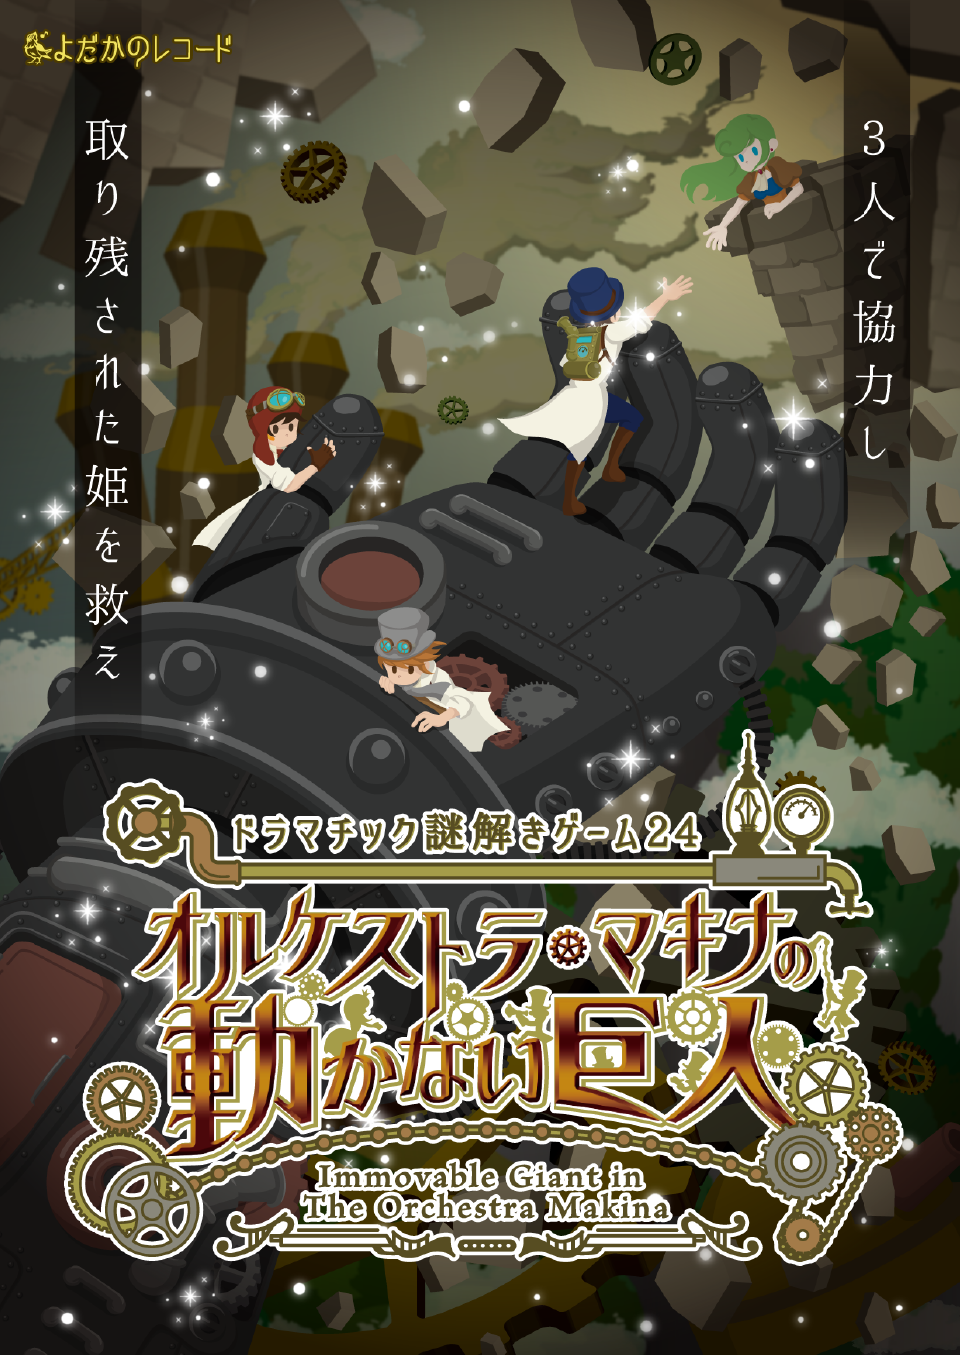 ドラマチック謎解きゲーム24 「オルケストラ・マキナの動かない巨人」6月追加公演